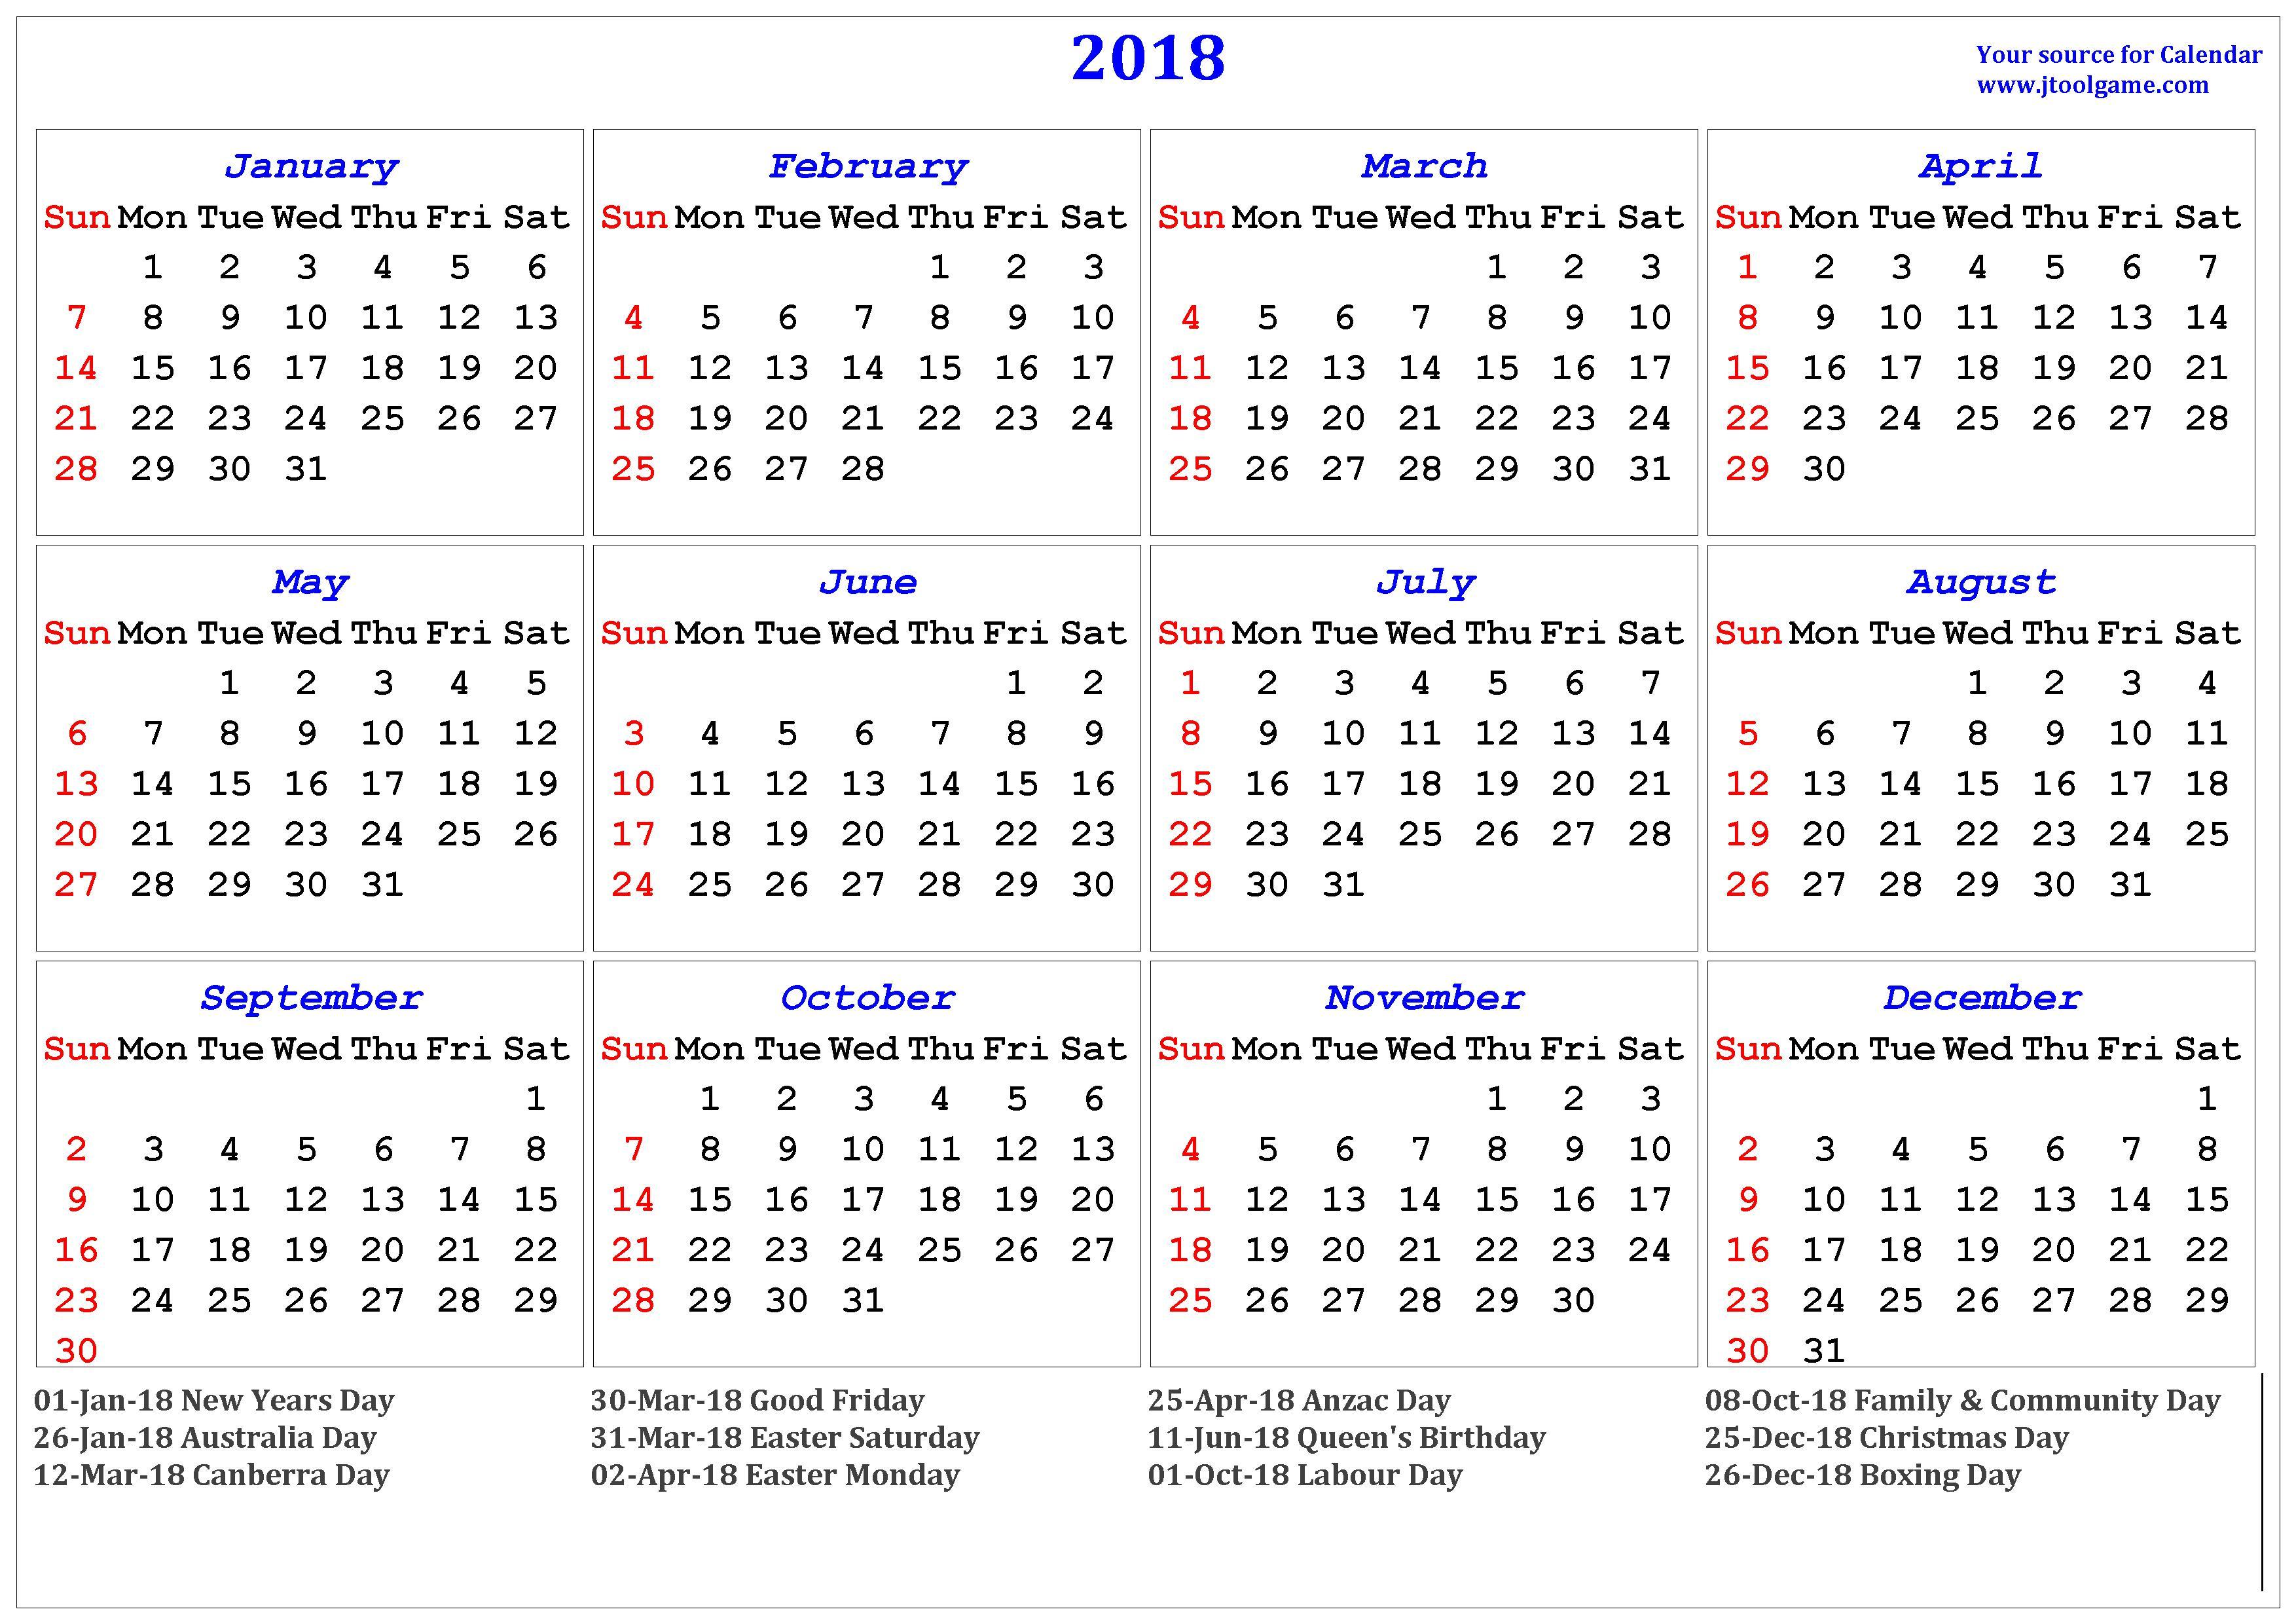 2018 Calendar printable Calendar. 2018 Calendar in multiple